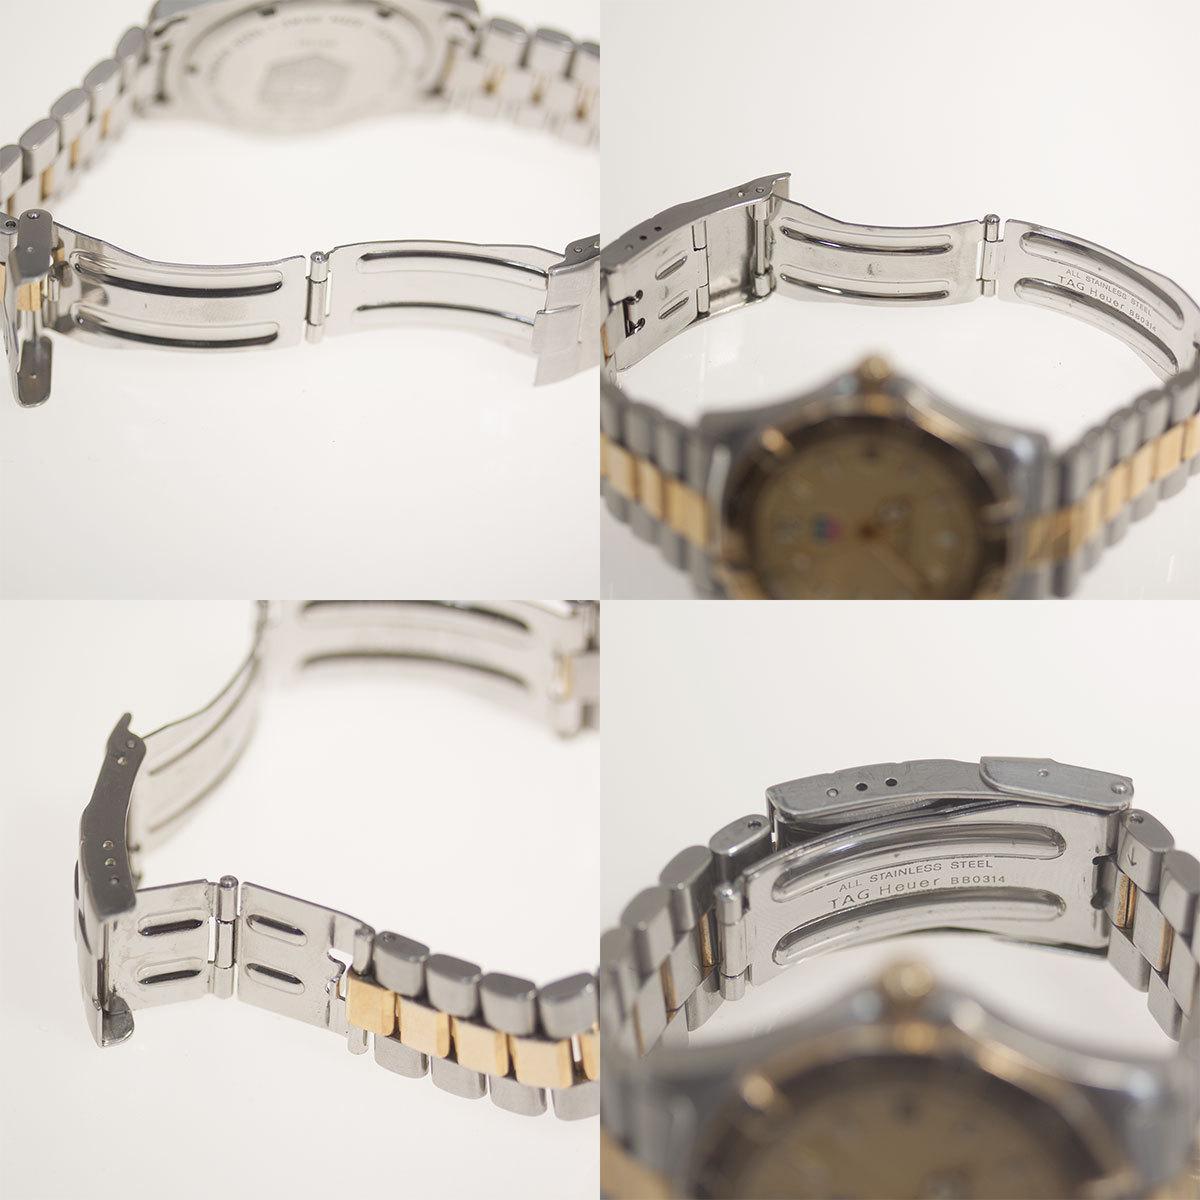 【TAG HEUER】タグホイヤー WK1121「プロフェッショナル 200m」クォーツ メンズ 腕時計【中古品】_画像10